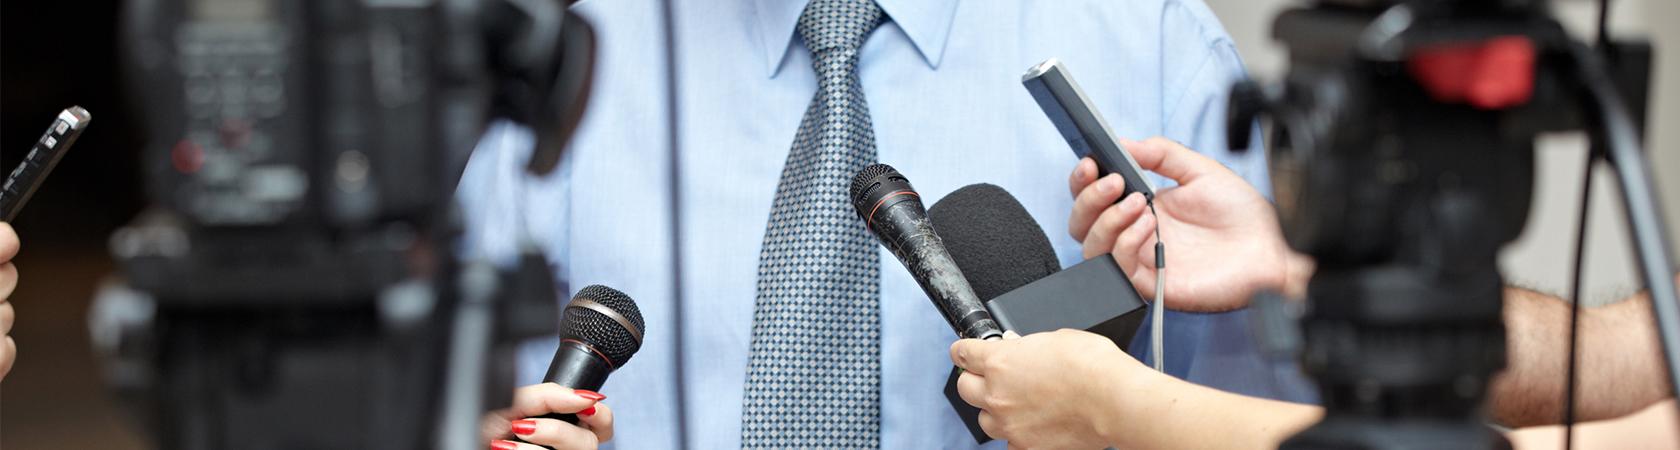 Prise de RDV personnalisé - MBA Communication & Relations Médias EFAP Paris